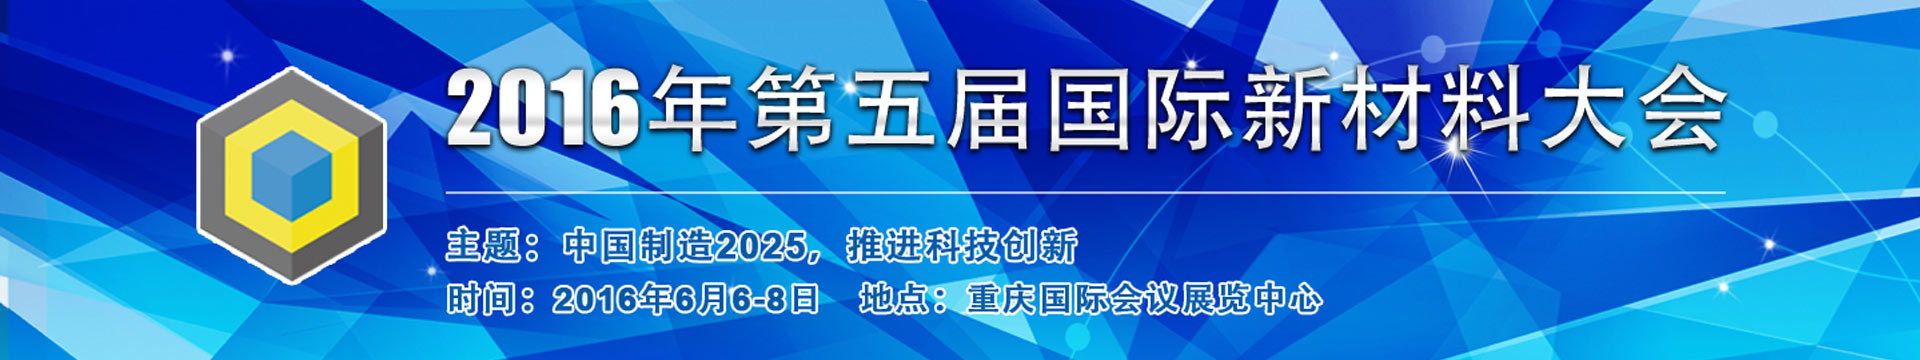 2016第五届国际新材料大会